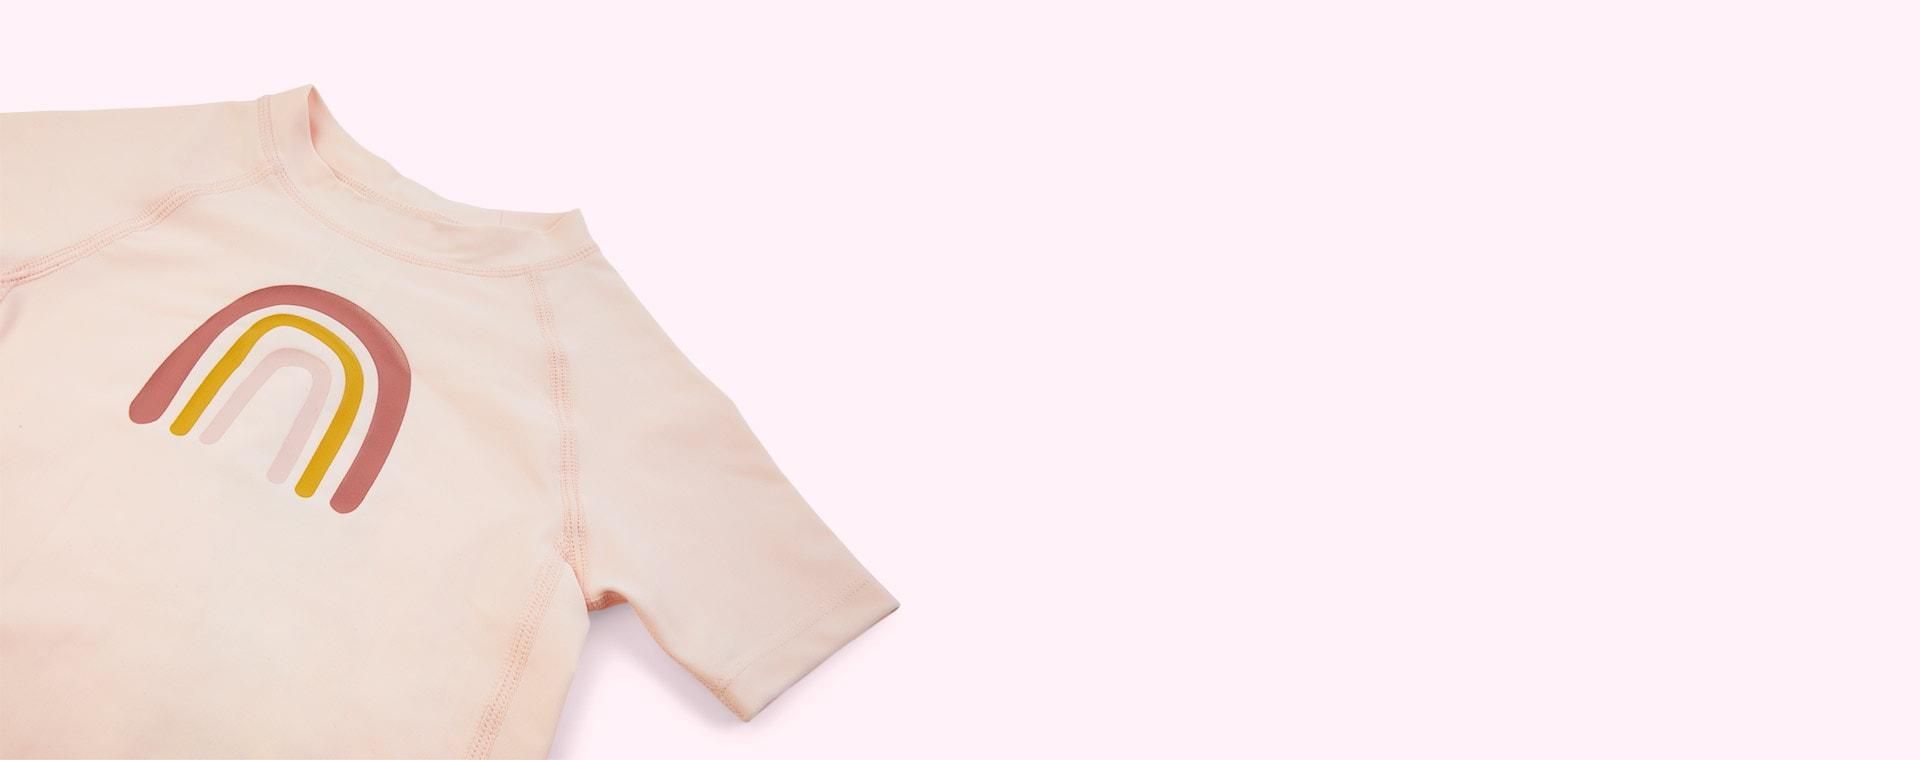 Rainbow Rose Lassig Short Sleeve Rashguard